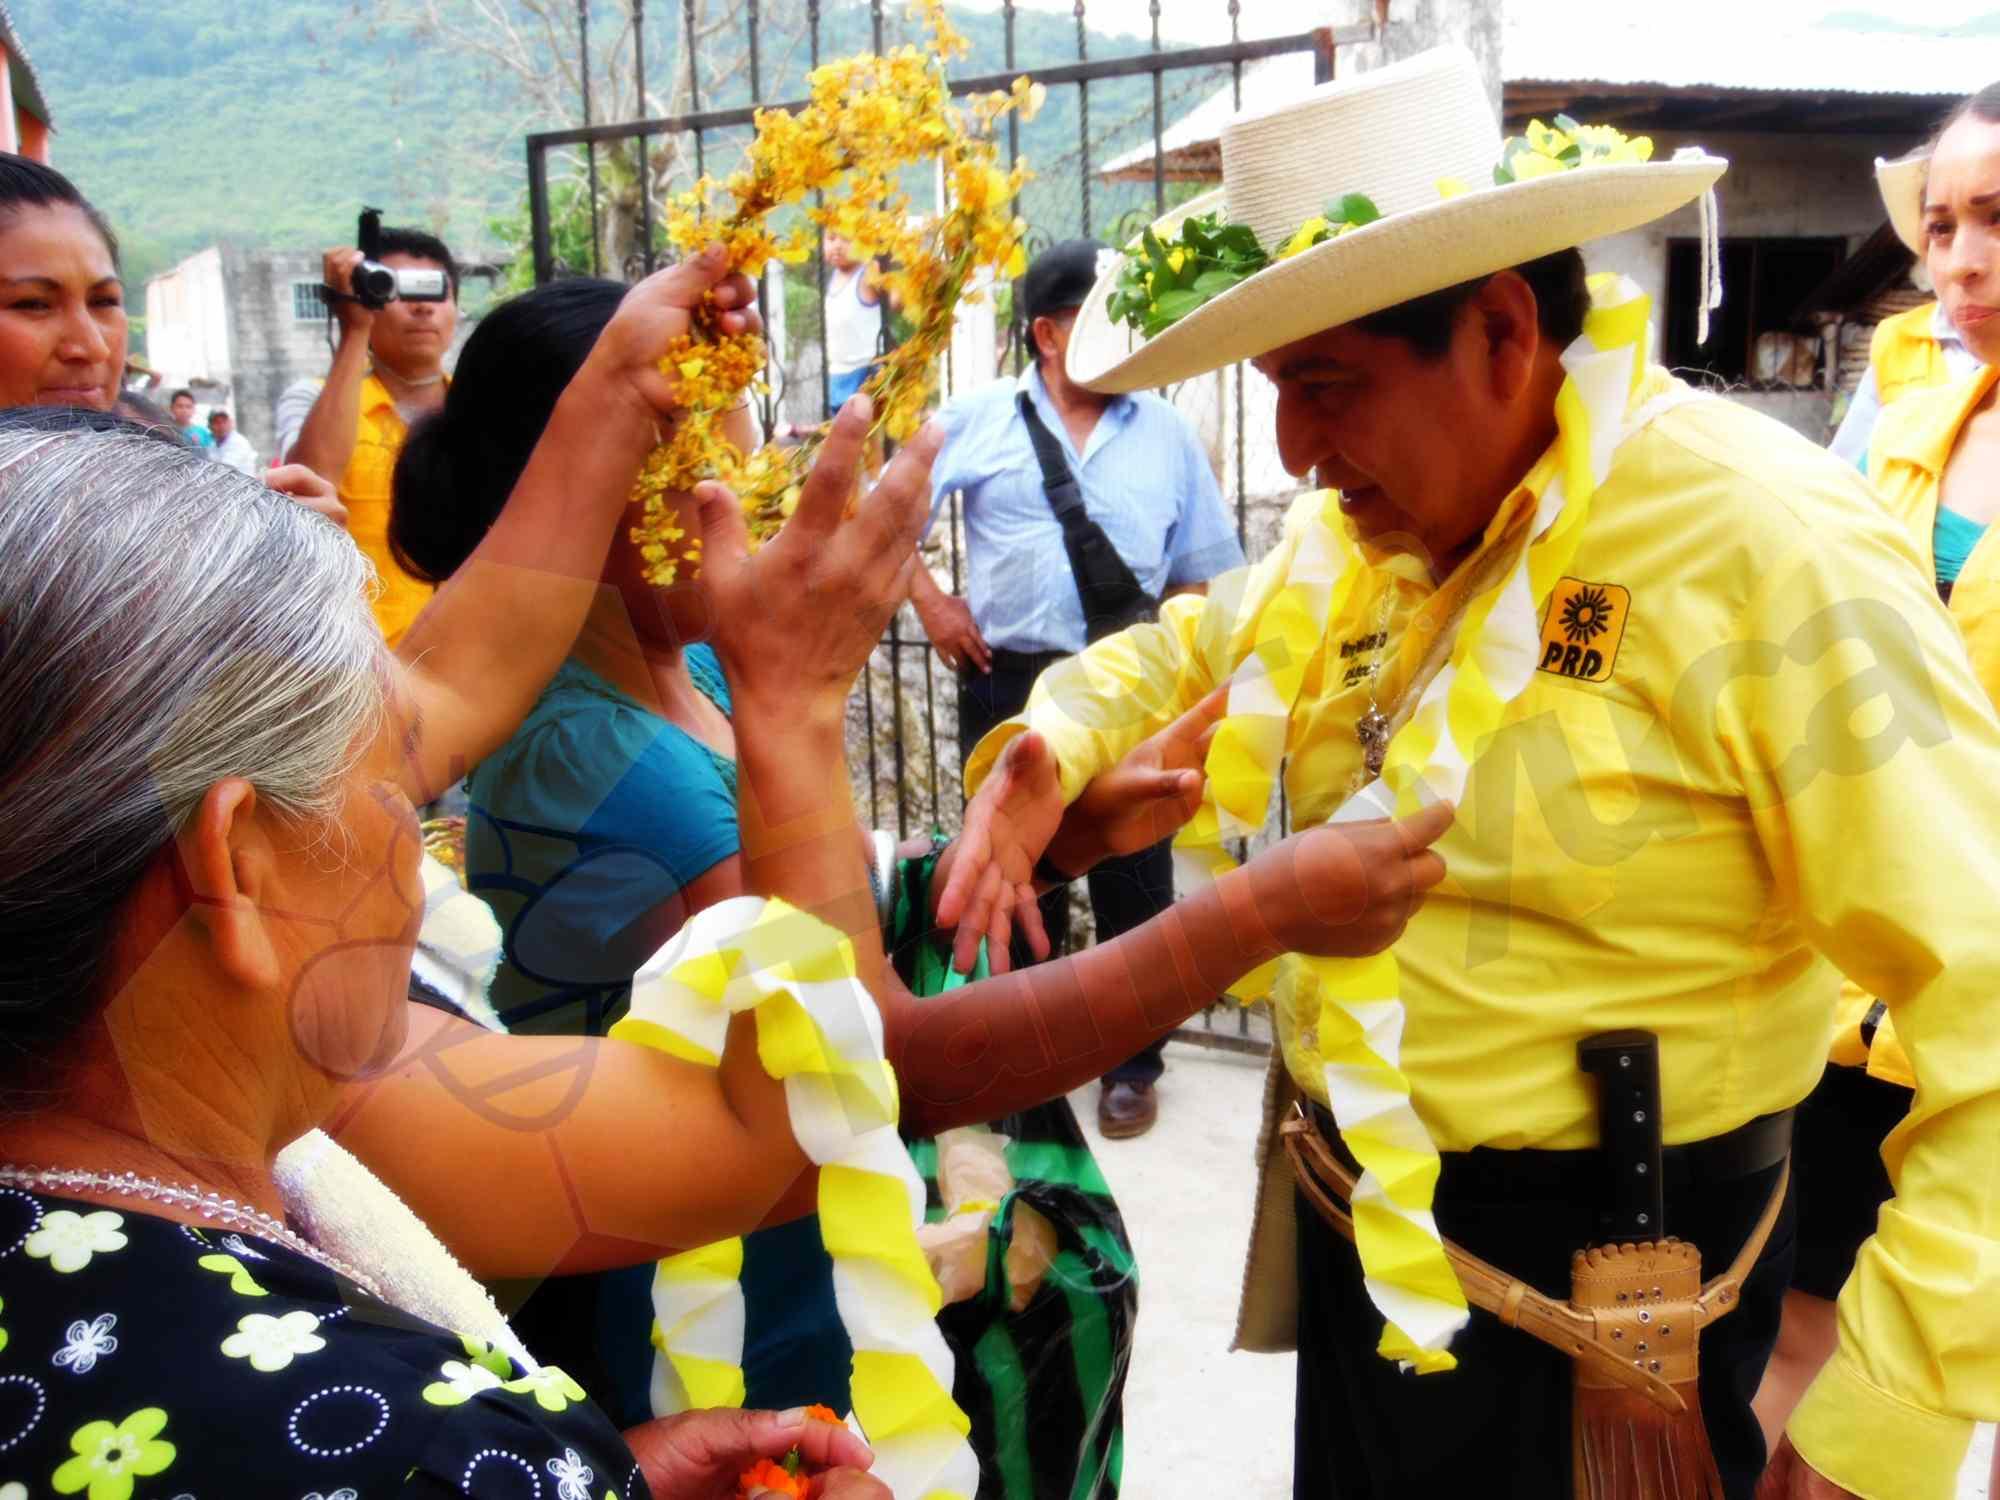 Las comunidades y colonias de Chicontepec, respaldan el proyecto del Mtro. Manuel Francisco Martínez Martínez, por lo cual, auguran una victoria exitosa el próximo 07 de Junio.